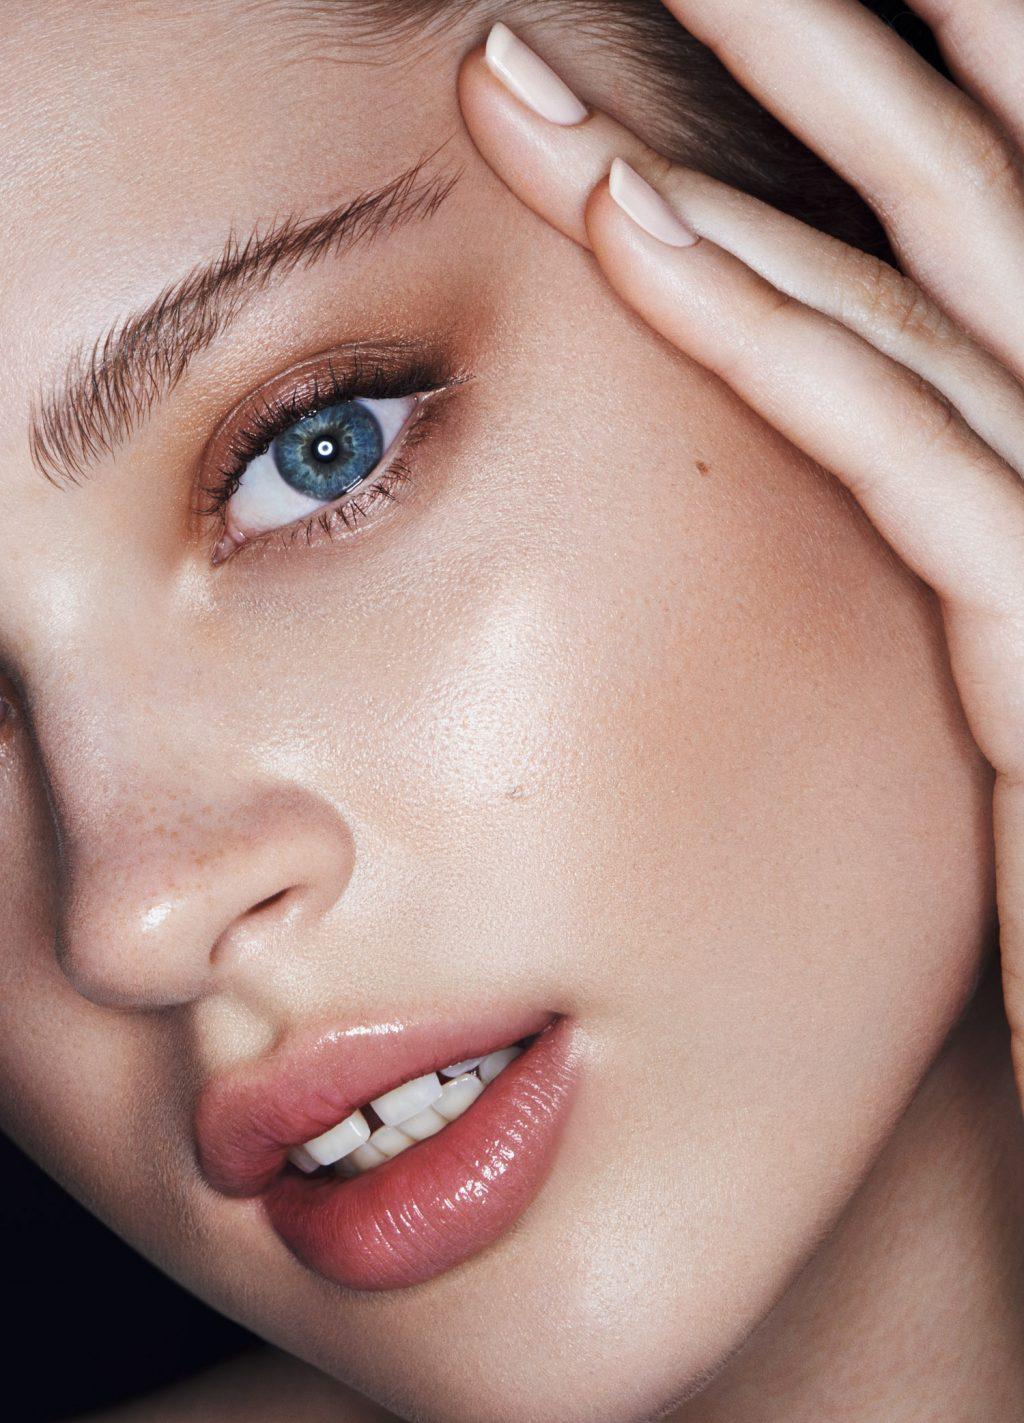 trang điểm theo màu mắt thế nào mới đẹp